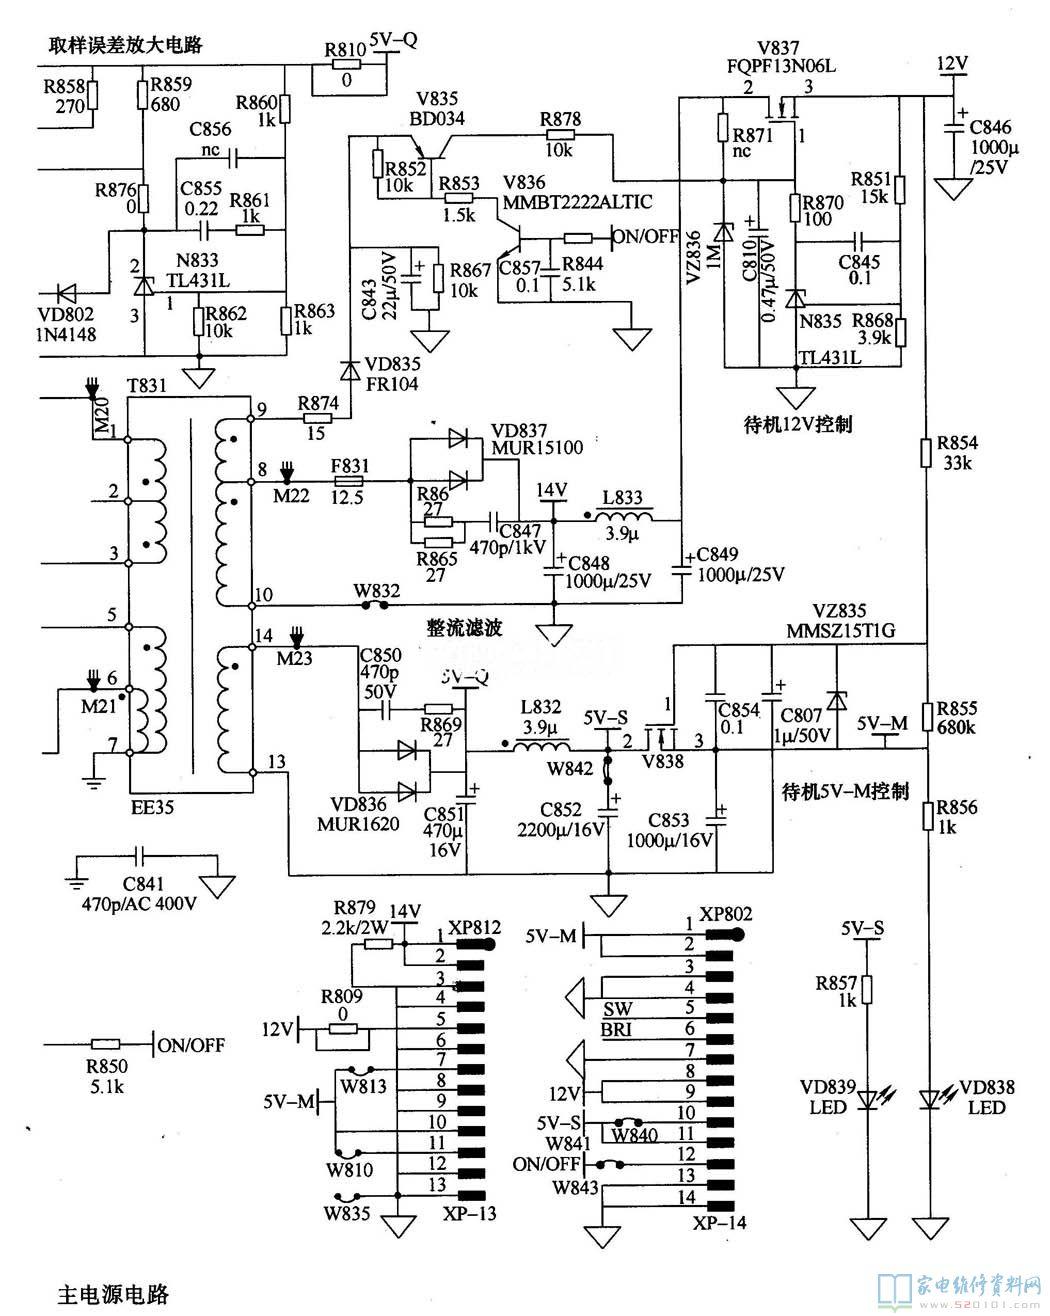 大功率mosfet(开关管)v832,开关变压器t831和稳压控制电路组成,一是在